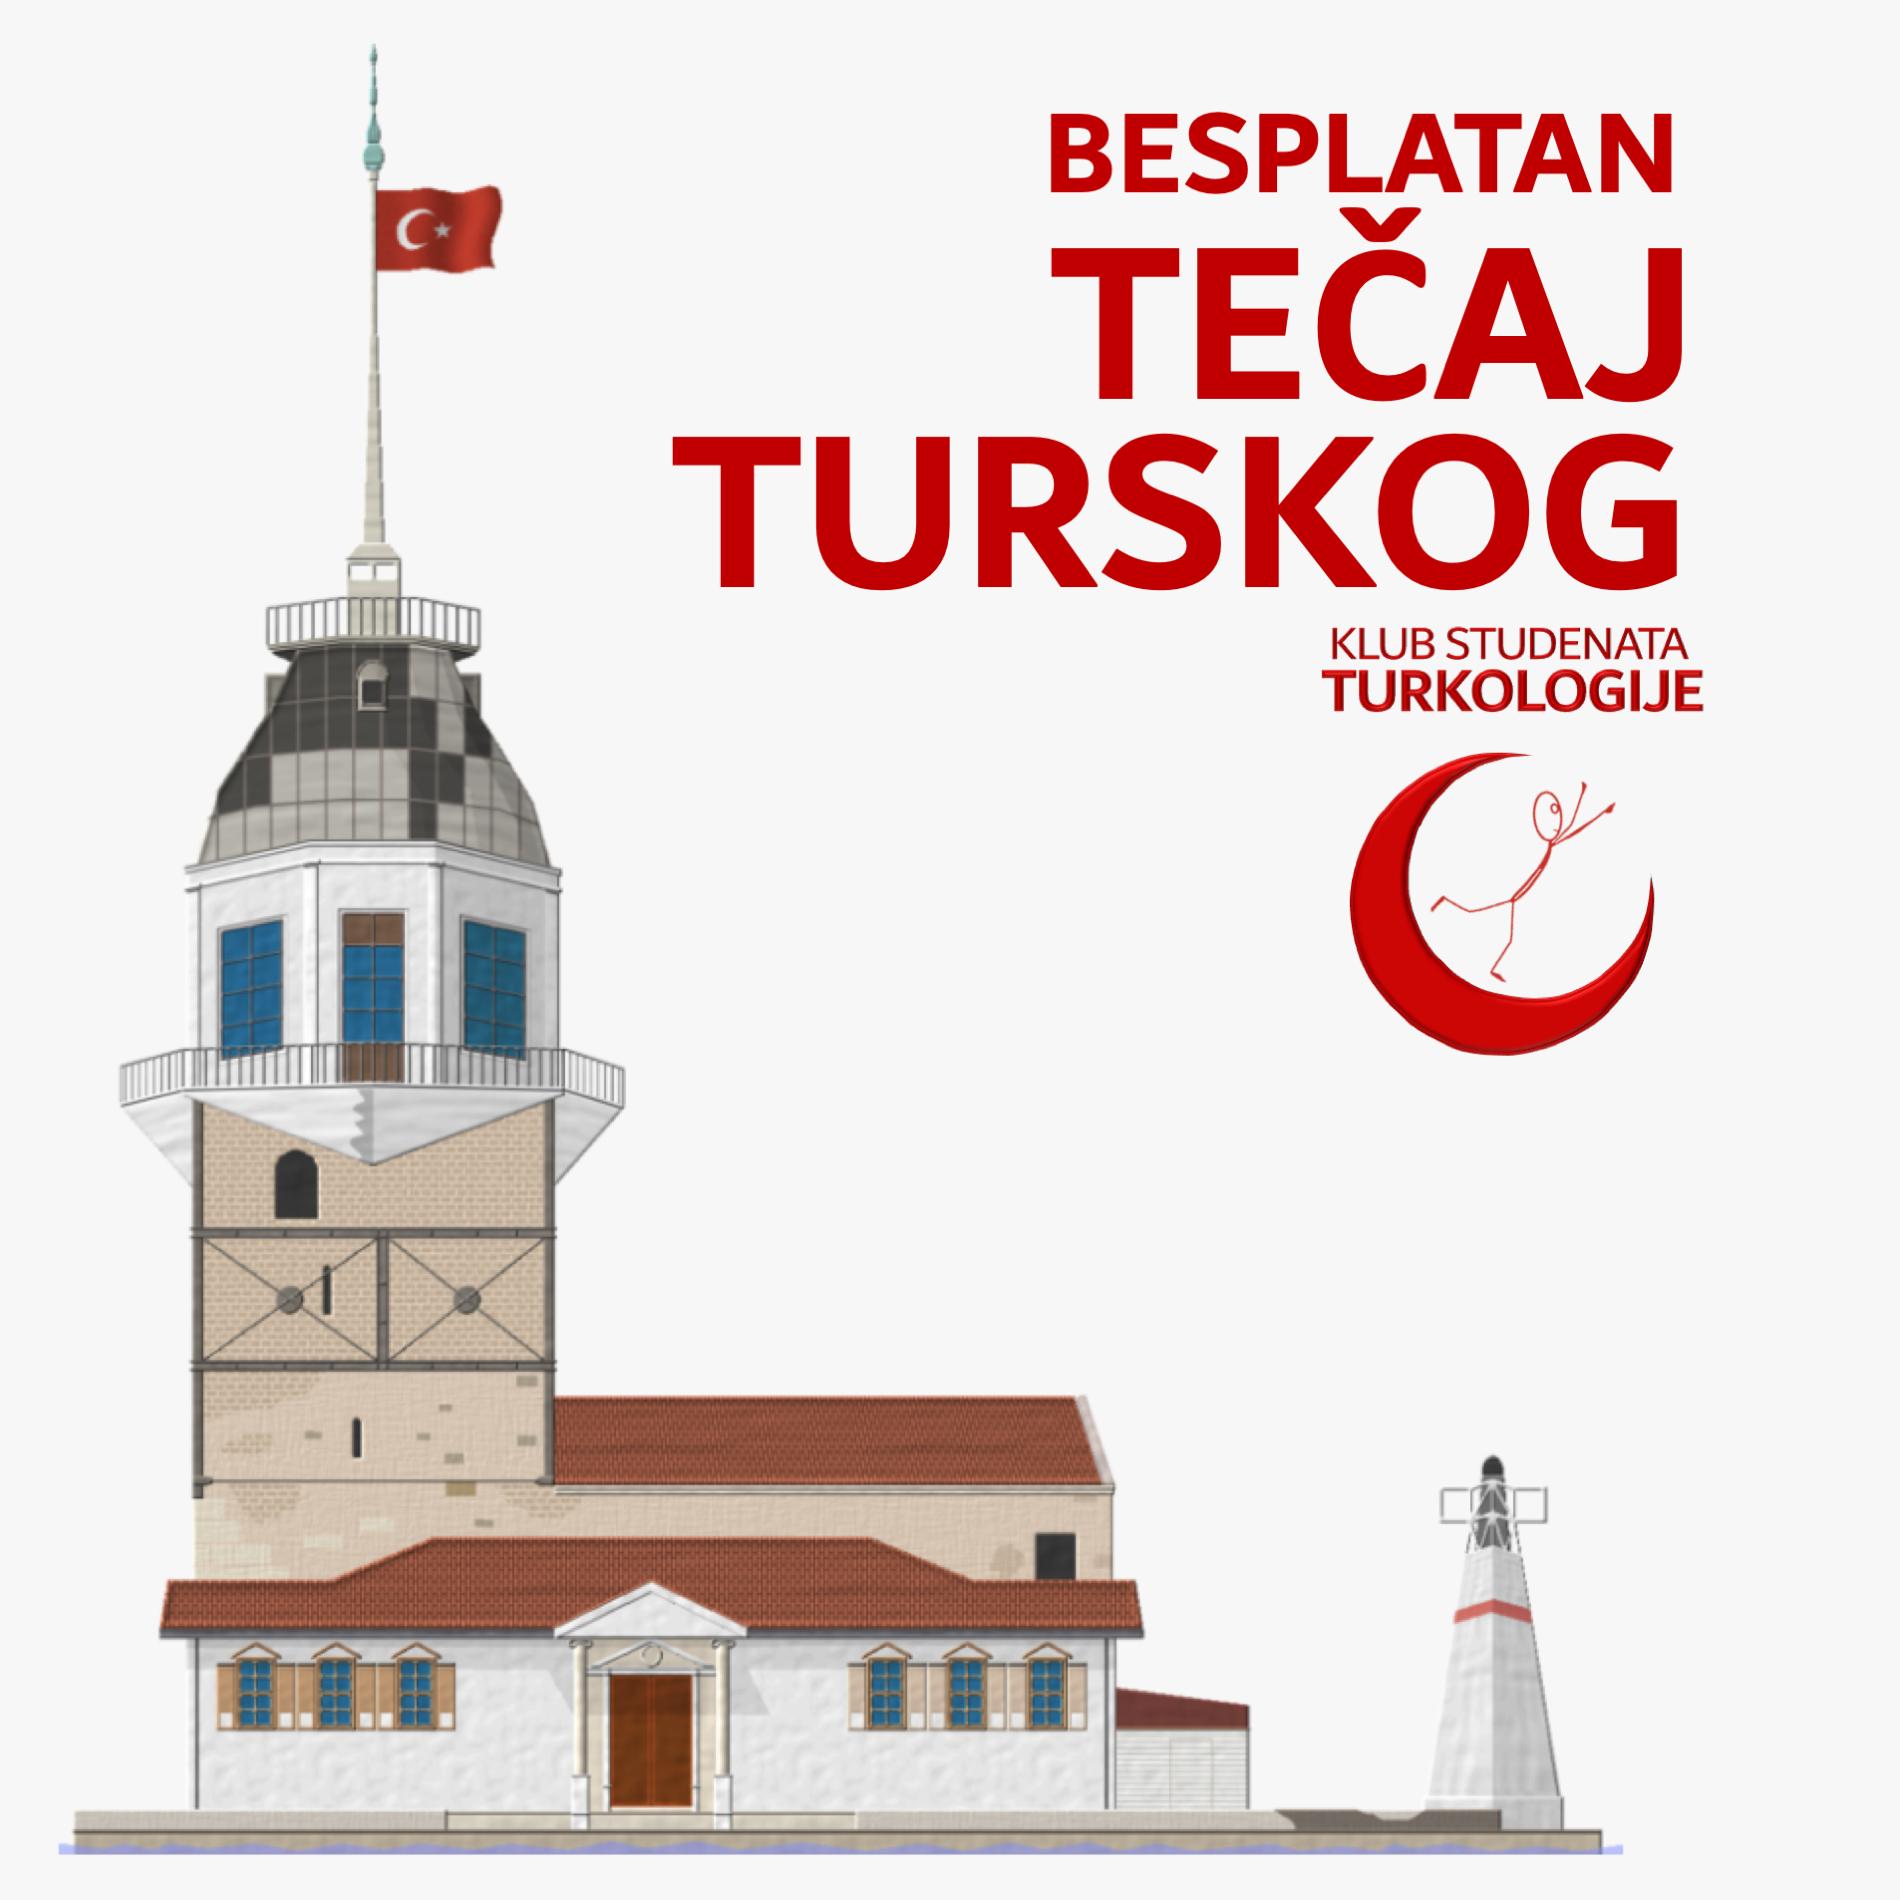 Besplatan tečaj turskog jezika